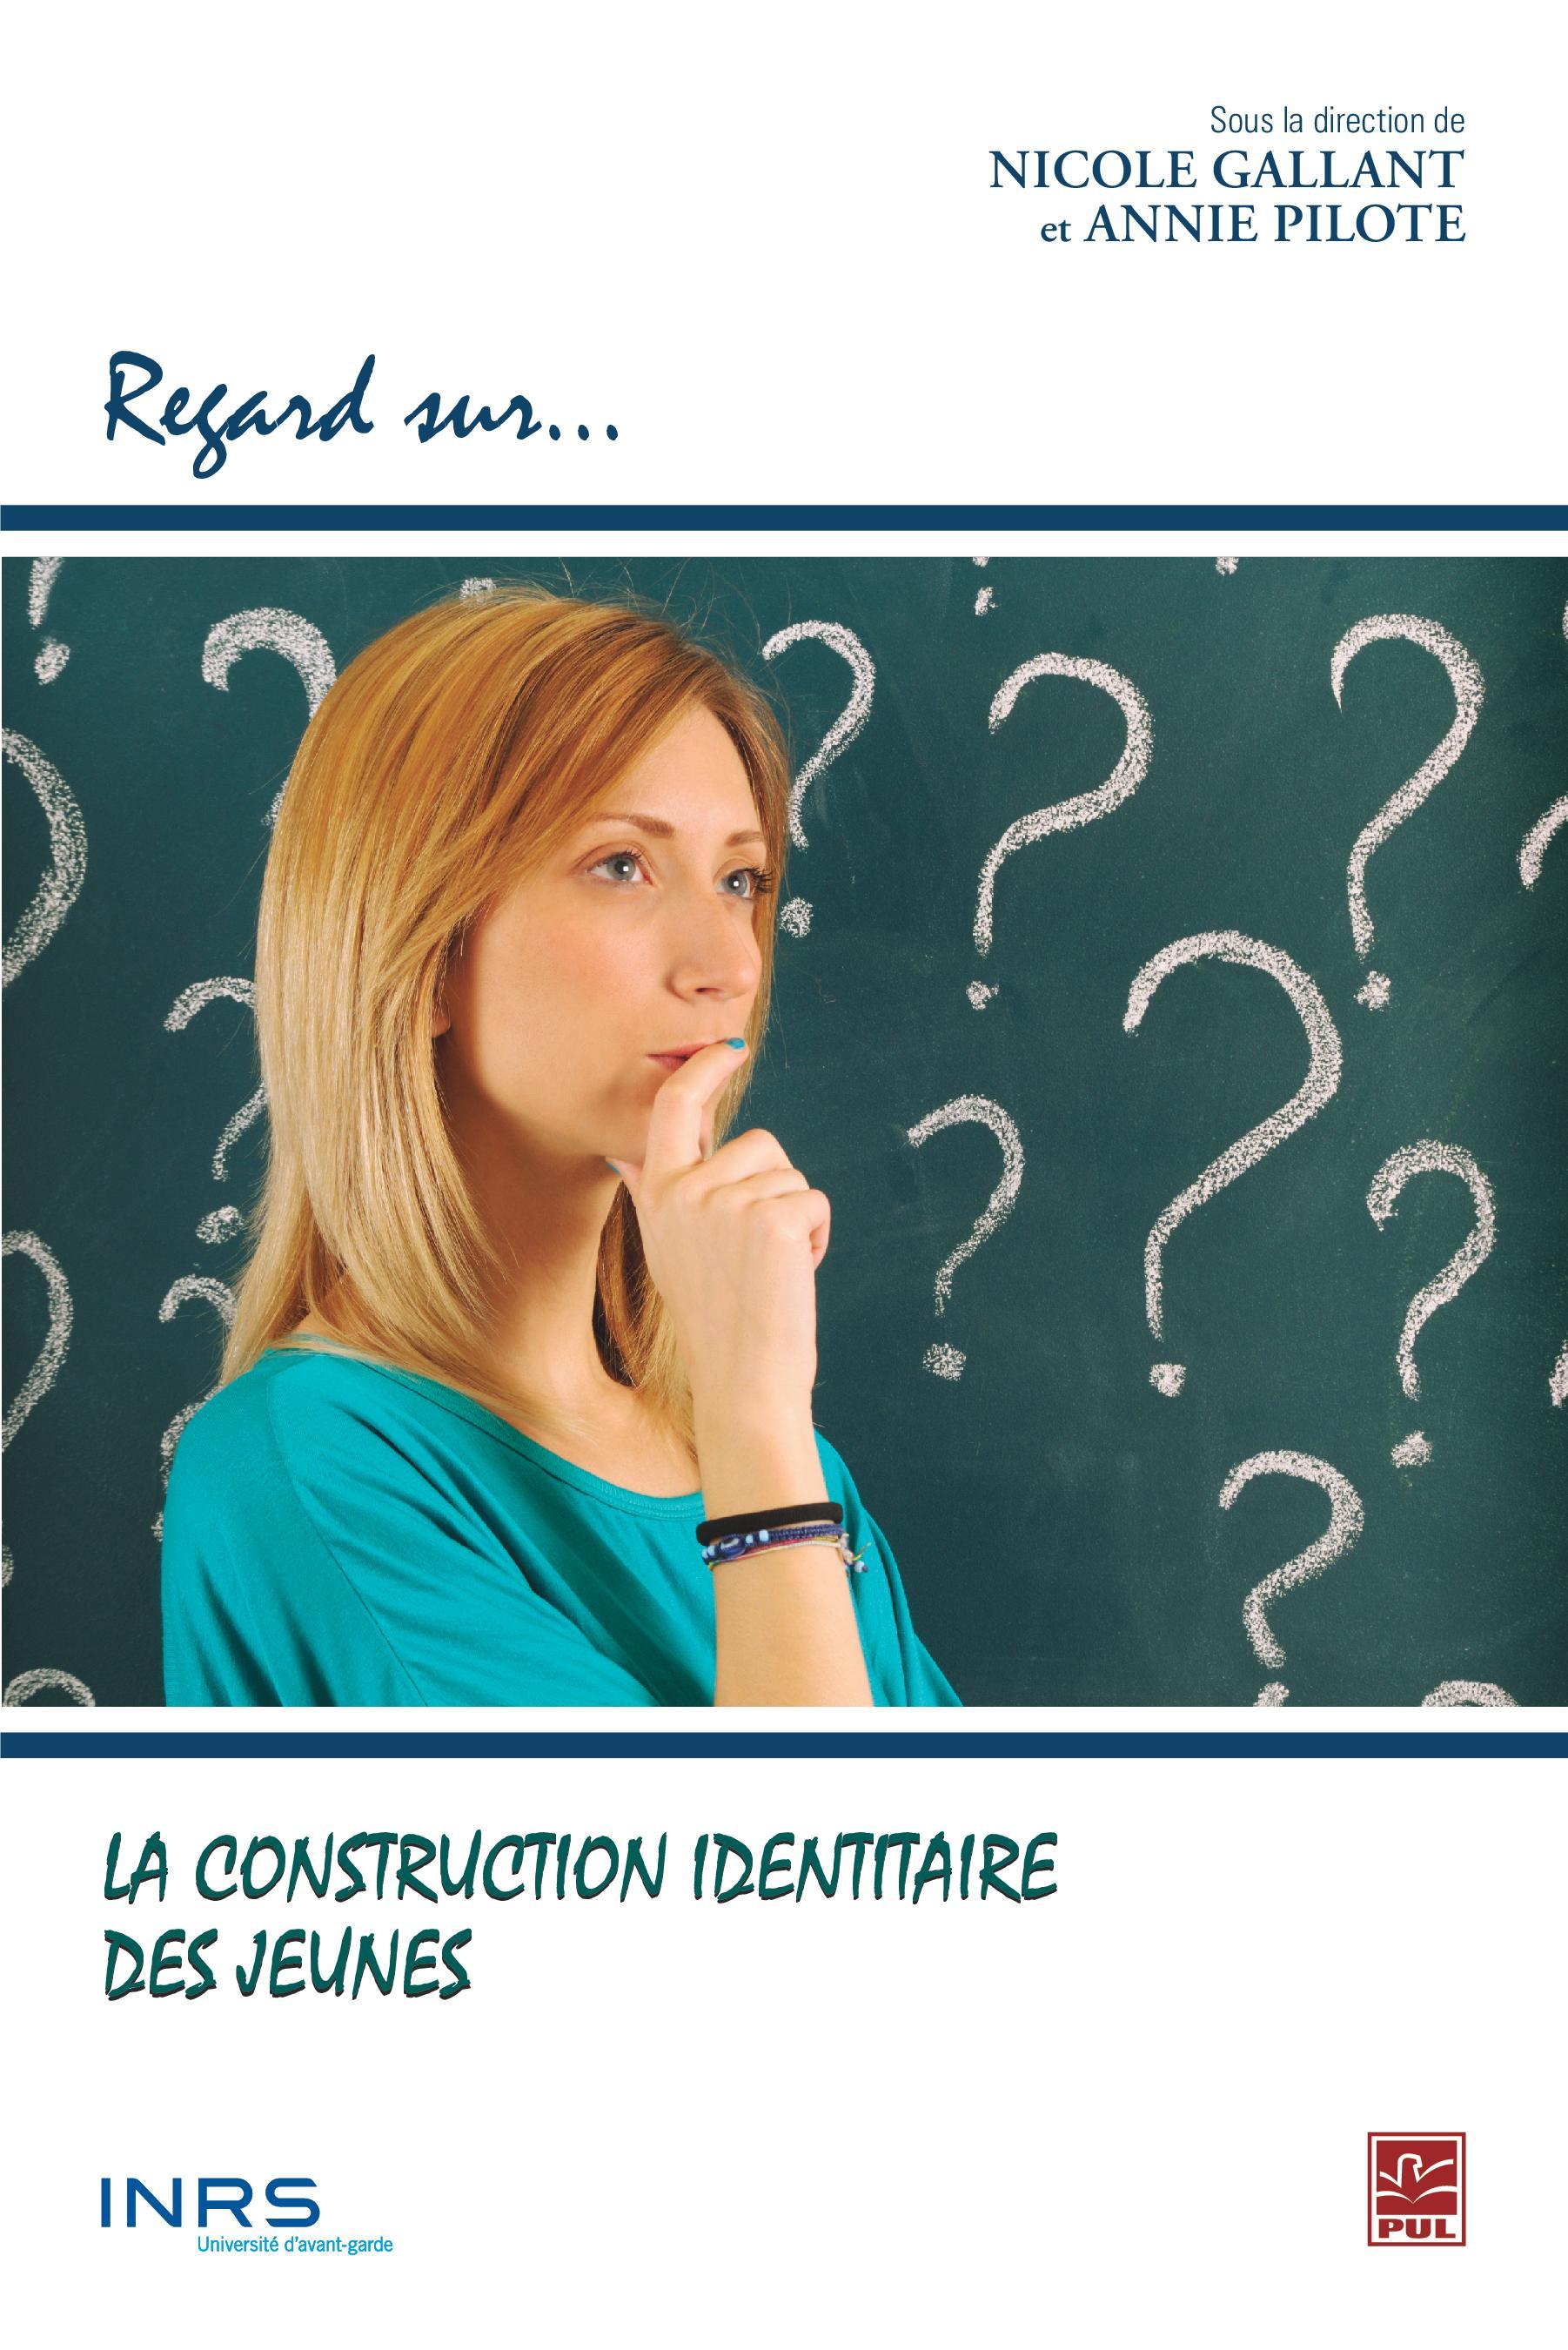 La construction identitaire...